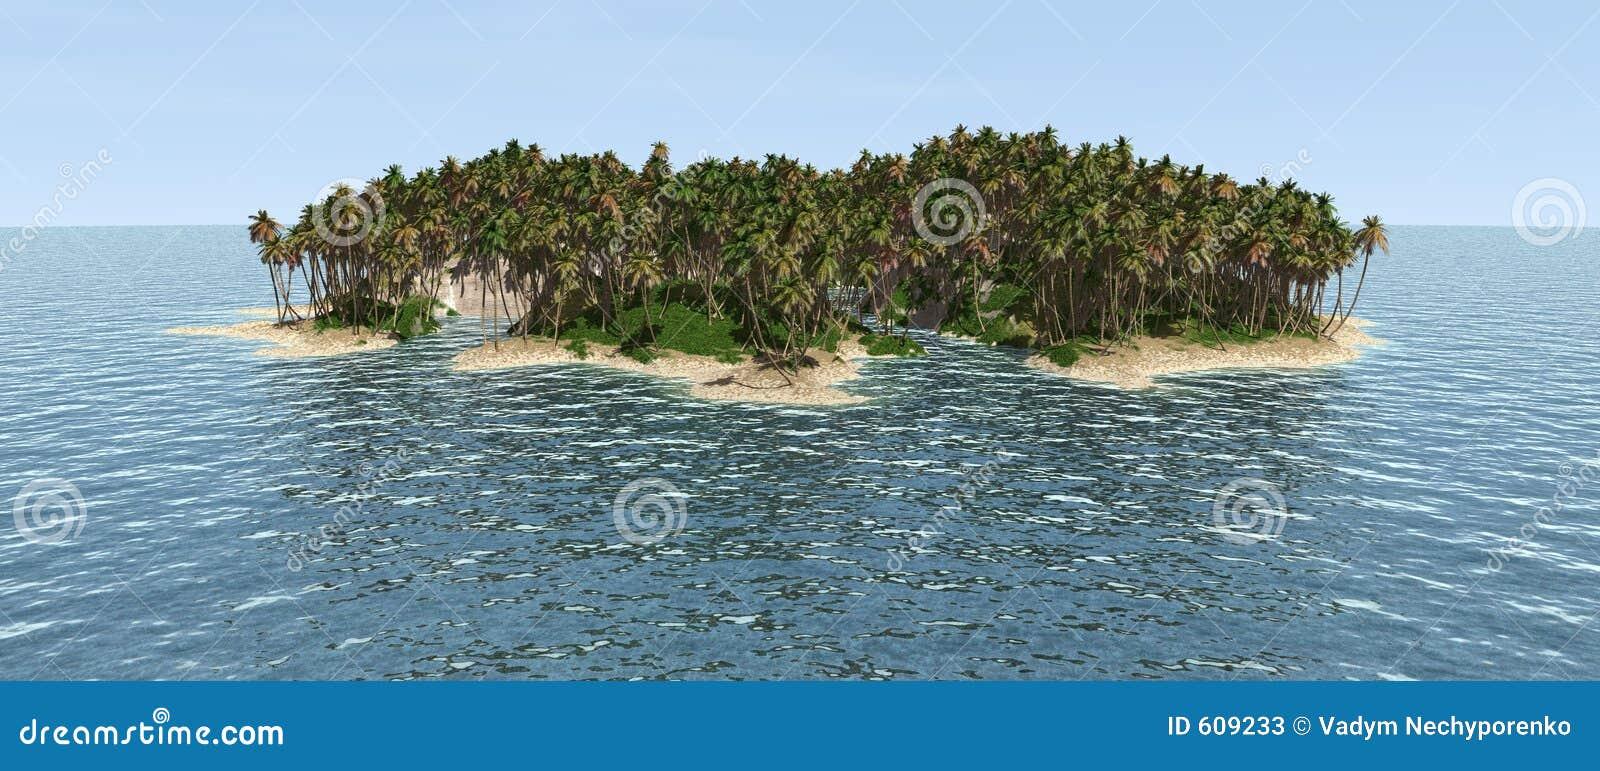 Verlaten eiland